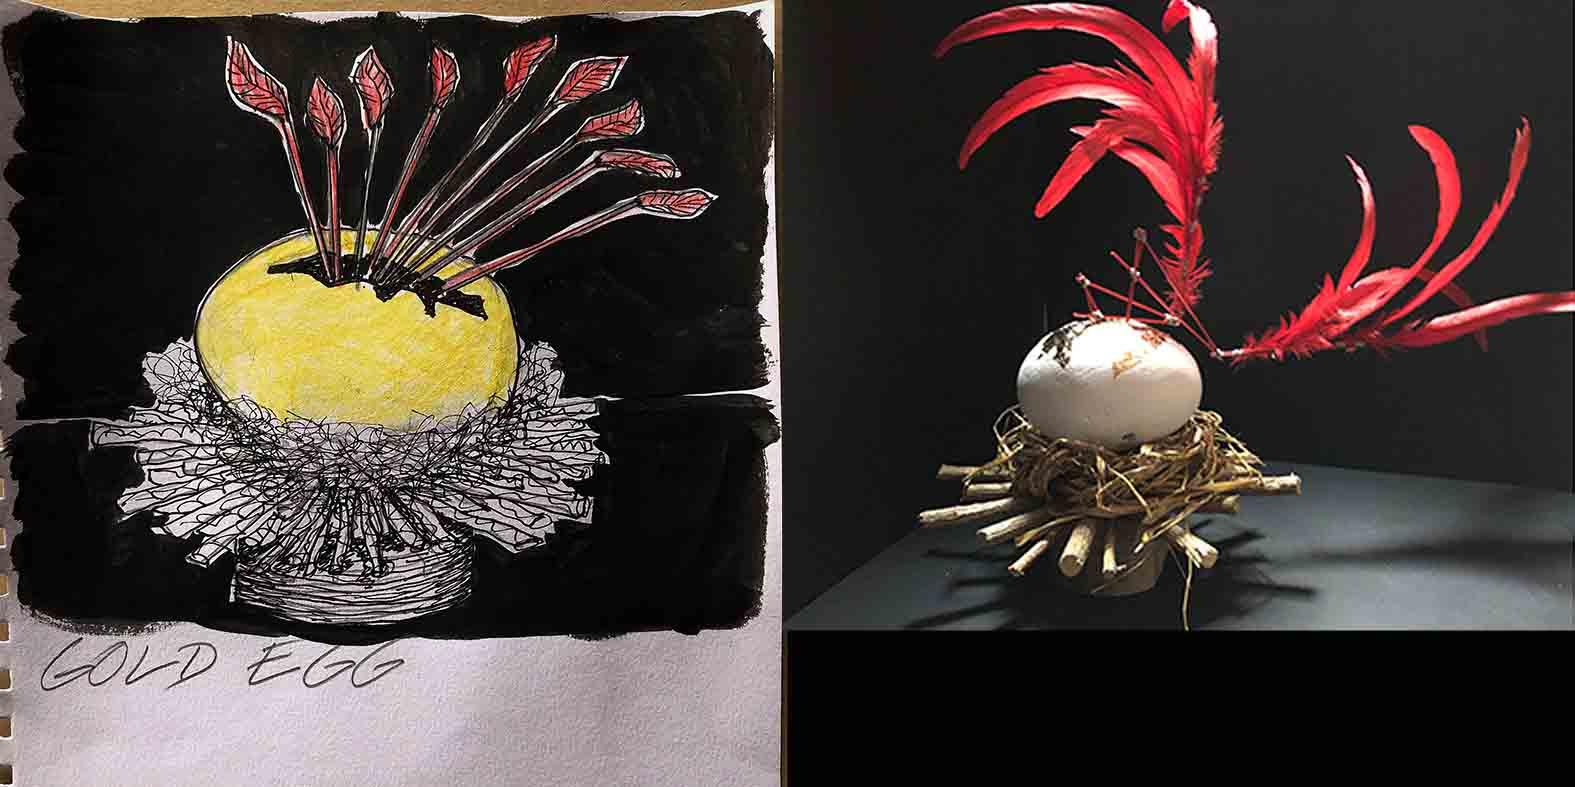 Gold Egg illustration and mock up design